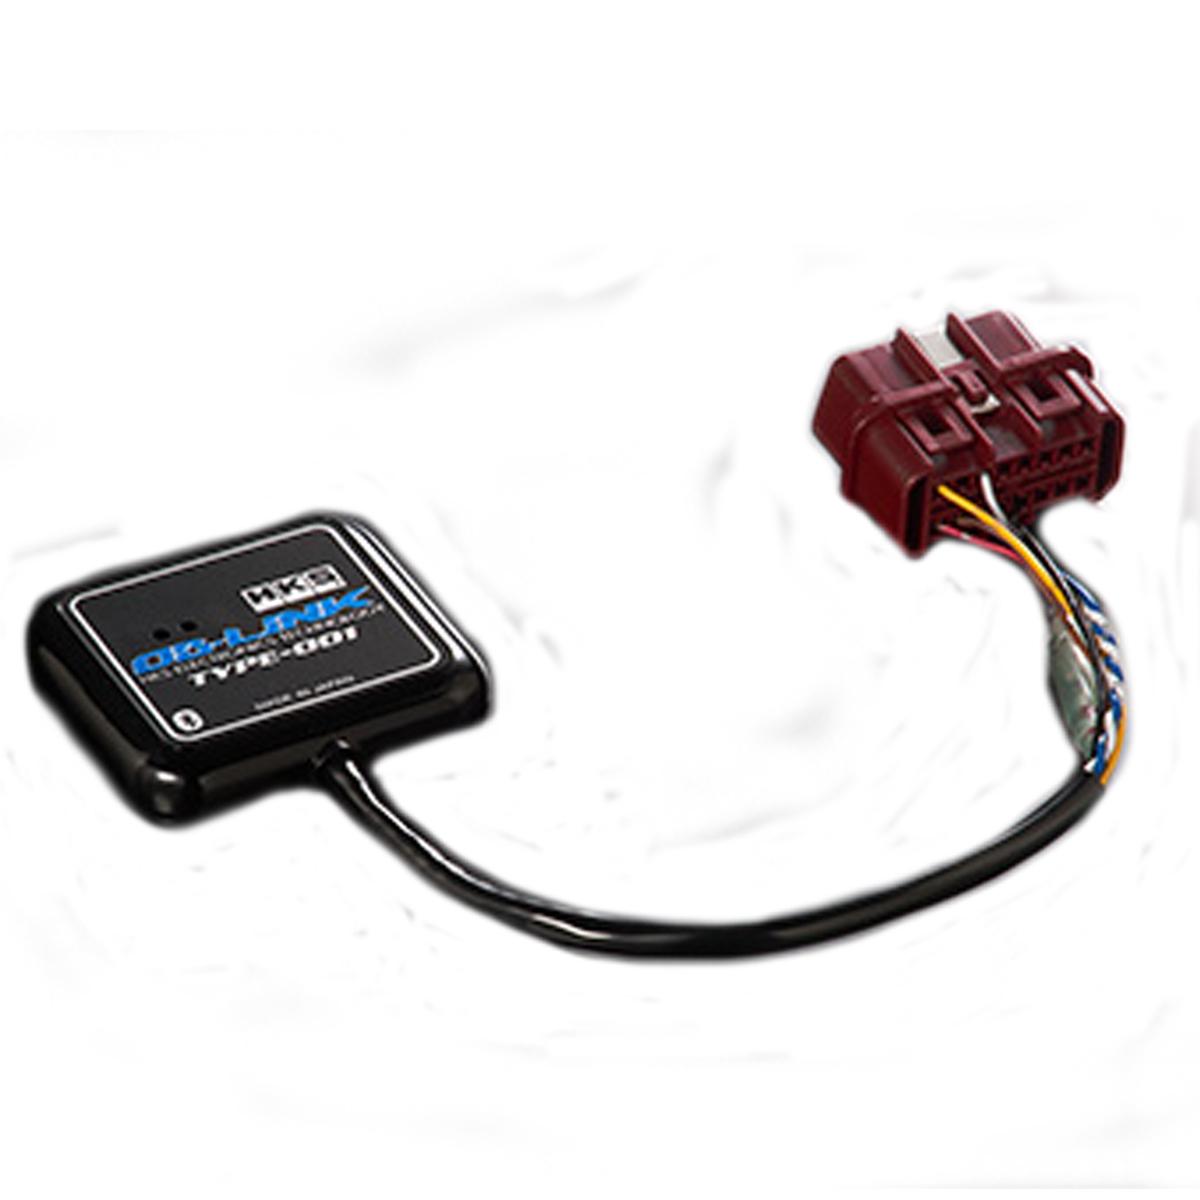 クラウン マジェ スタ モニター OBリンク タイプ 001 UZS186 HKS 44009-AK002 エレクトリニクス